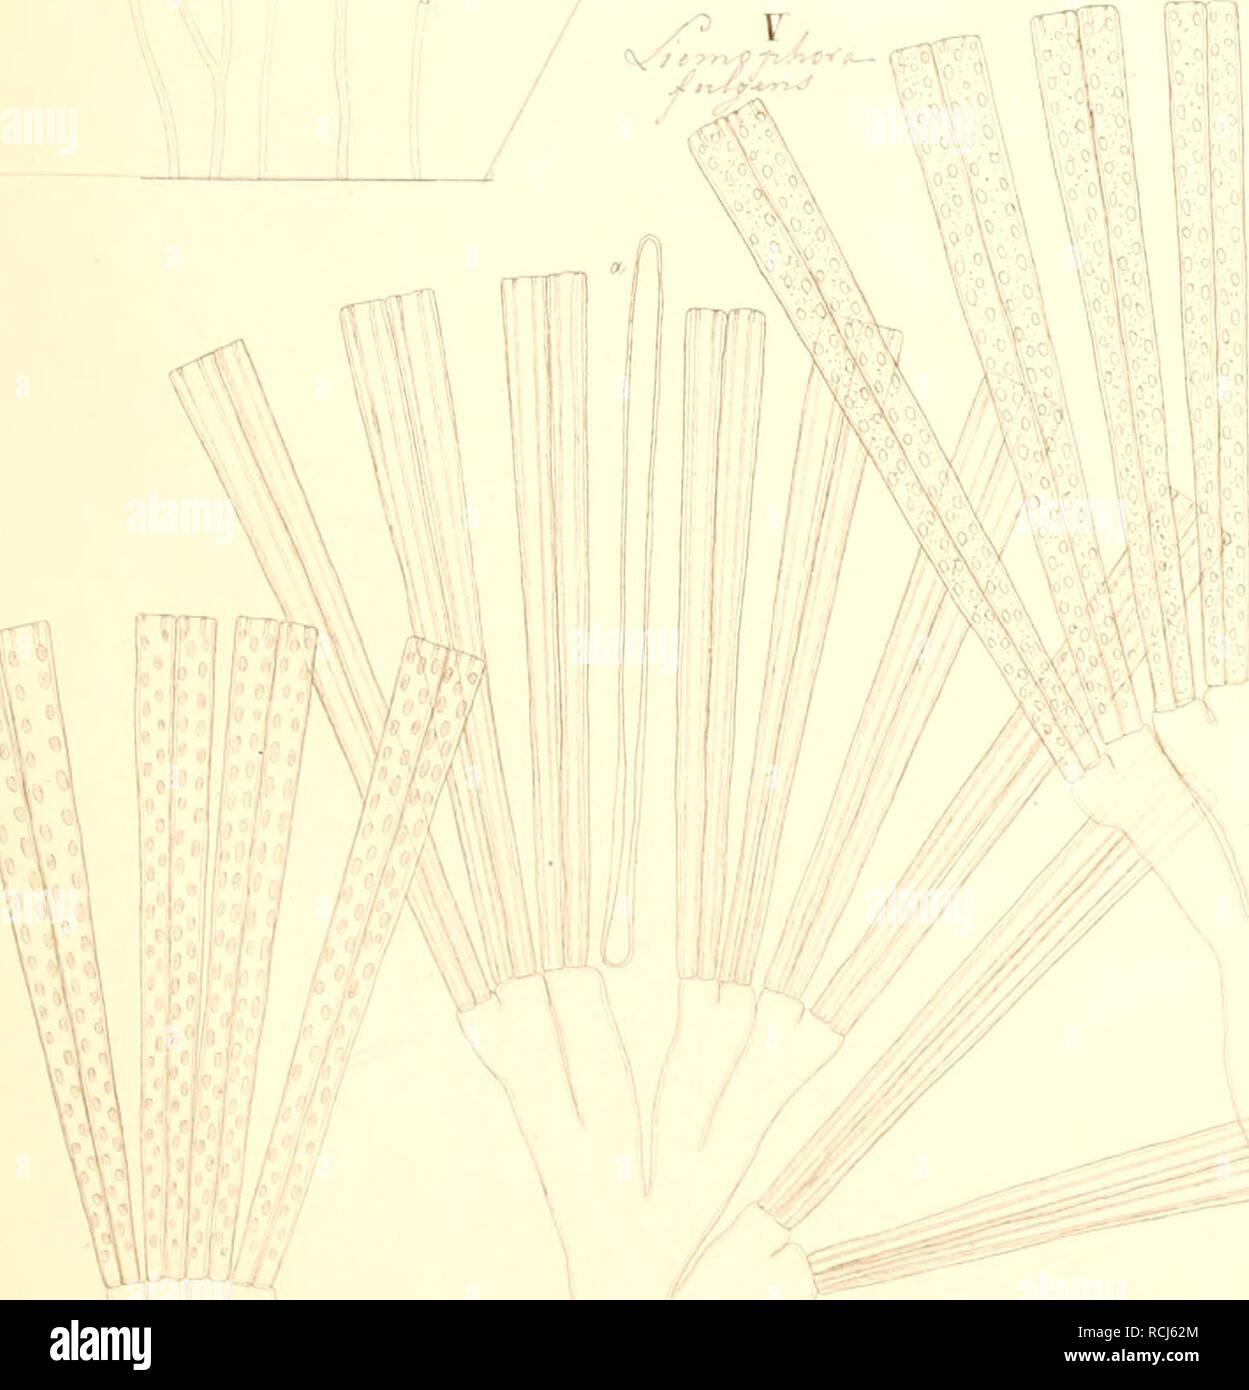 . Kieselschaligen Bacillarien Diatomeen oder die. J,J. III IV . Veuillez noter que ces images sont extraites de la page numérisée des images qui peuvent avoir été retouchées numériquement pour plus de lisibilité - coloration et l'aspect de ces illustrations ne peut pas parfaitement ressembler à l'œuvre originale.. Kützing, Friedrich Traugott, 1807-1893. Nordhausen, zu finden bei W. Köhne Banque D'Images